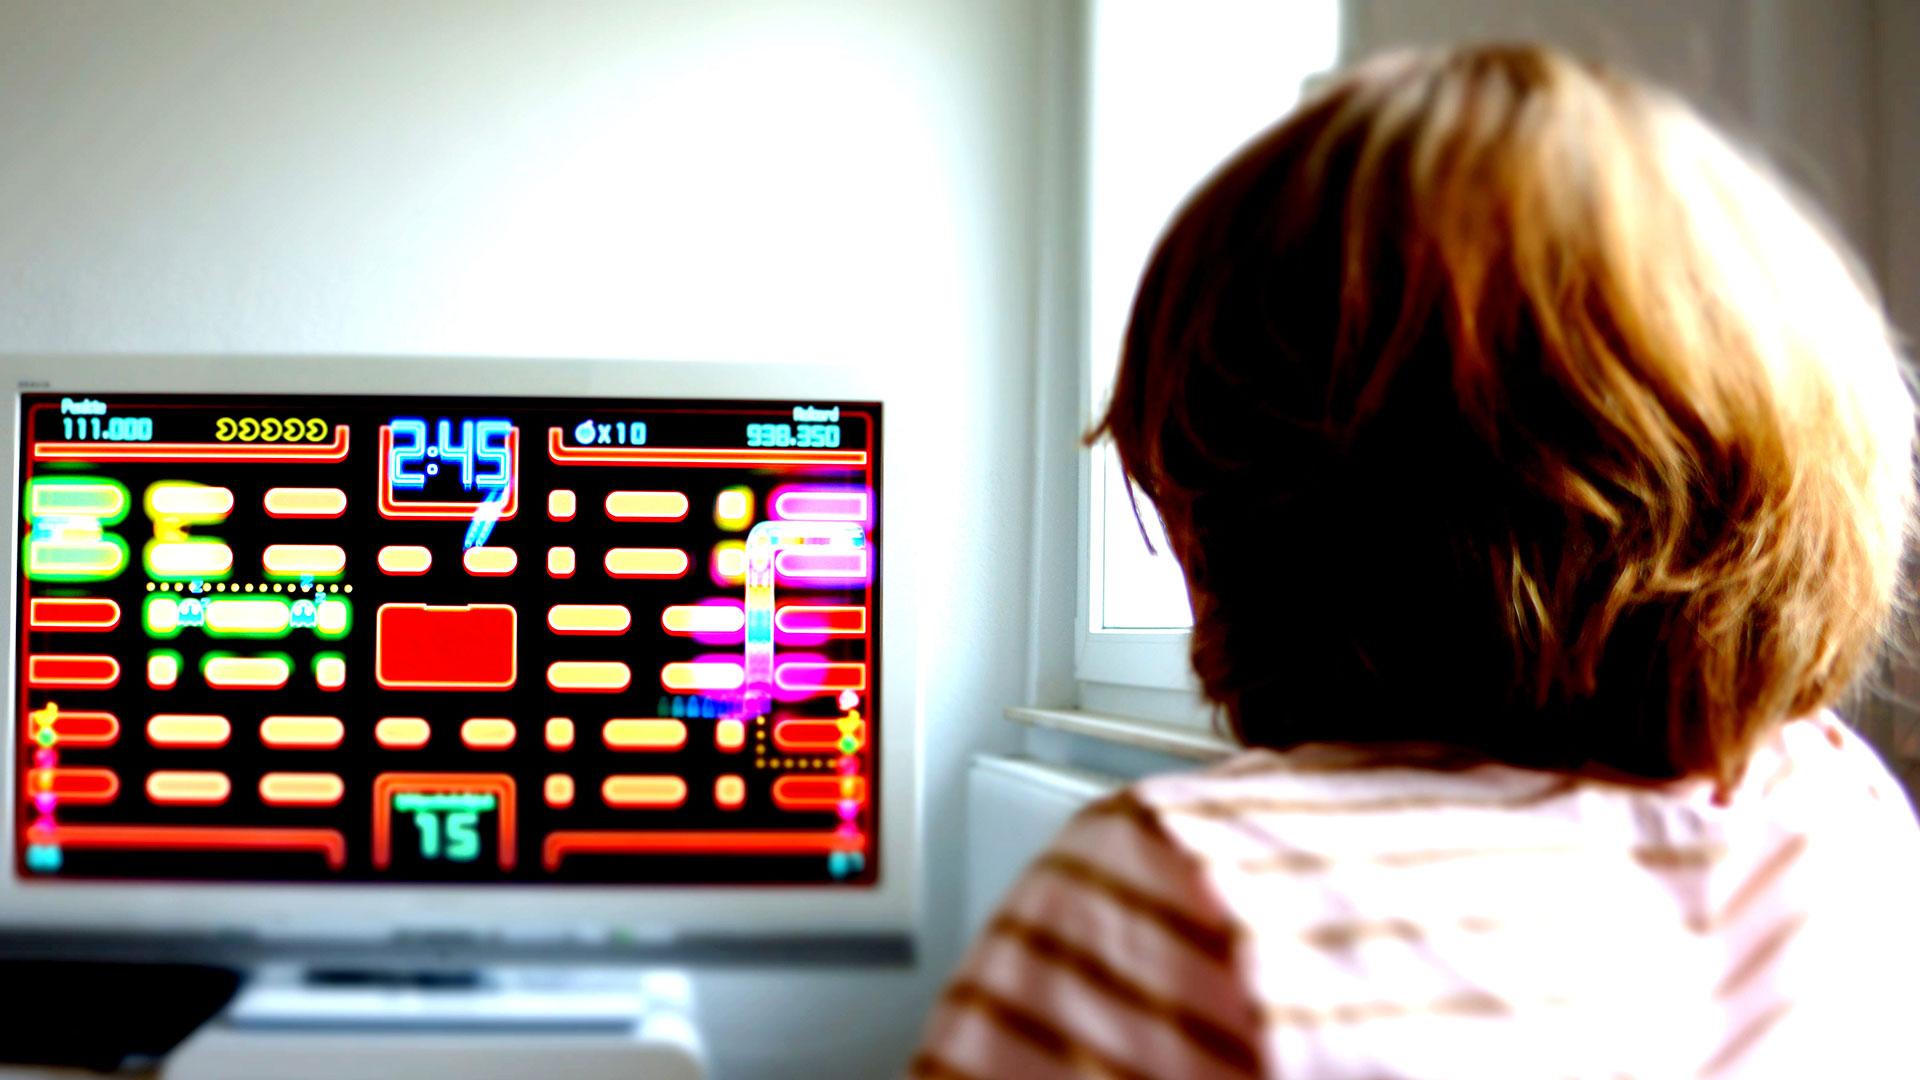 Música y videojuegos hero asset